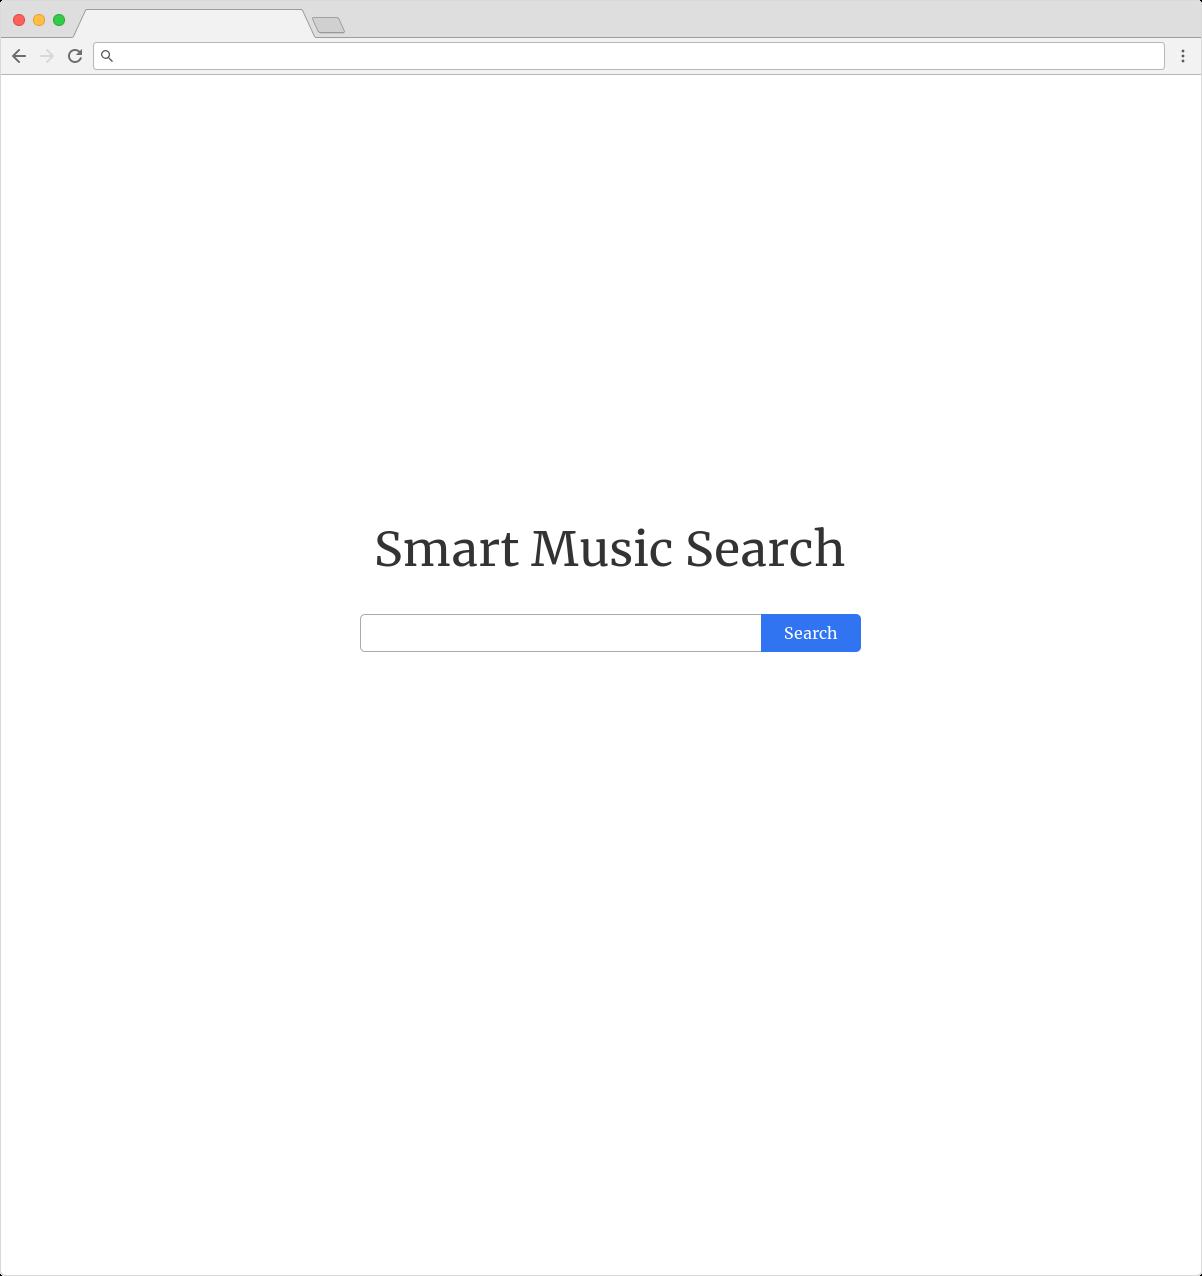 Smart Music Search Hijacker